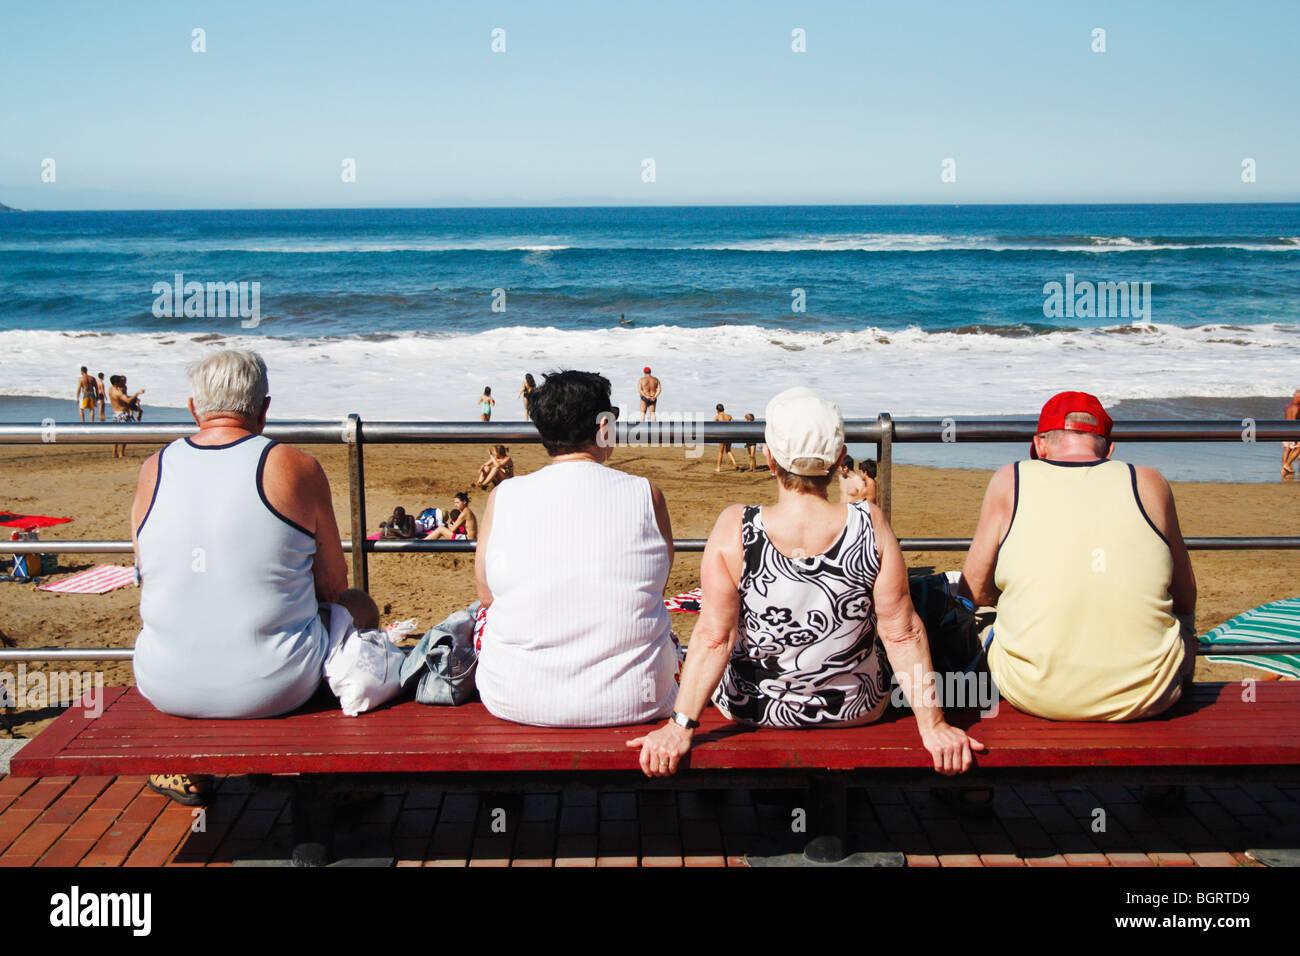 Zwei ältere Ehepaare, die Surfer am Strand in Spanien zu beobachten Stockfoto